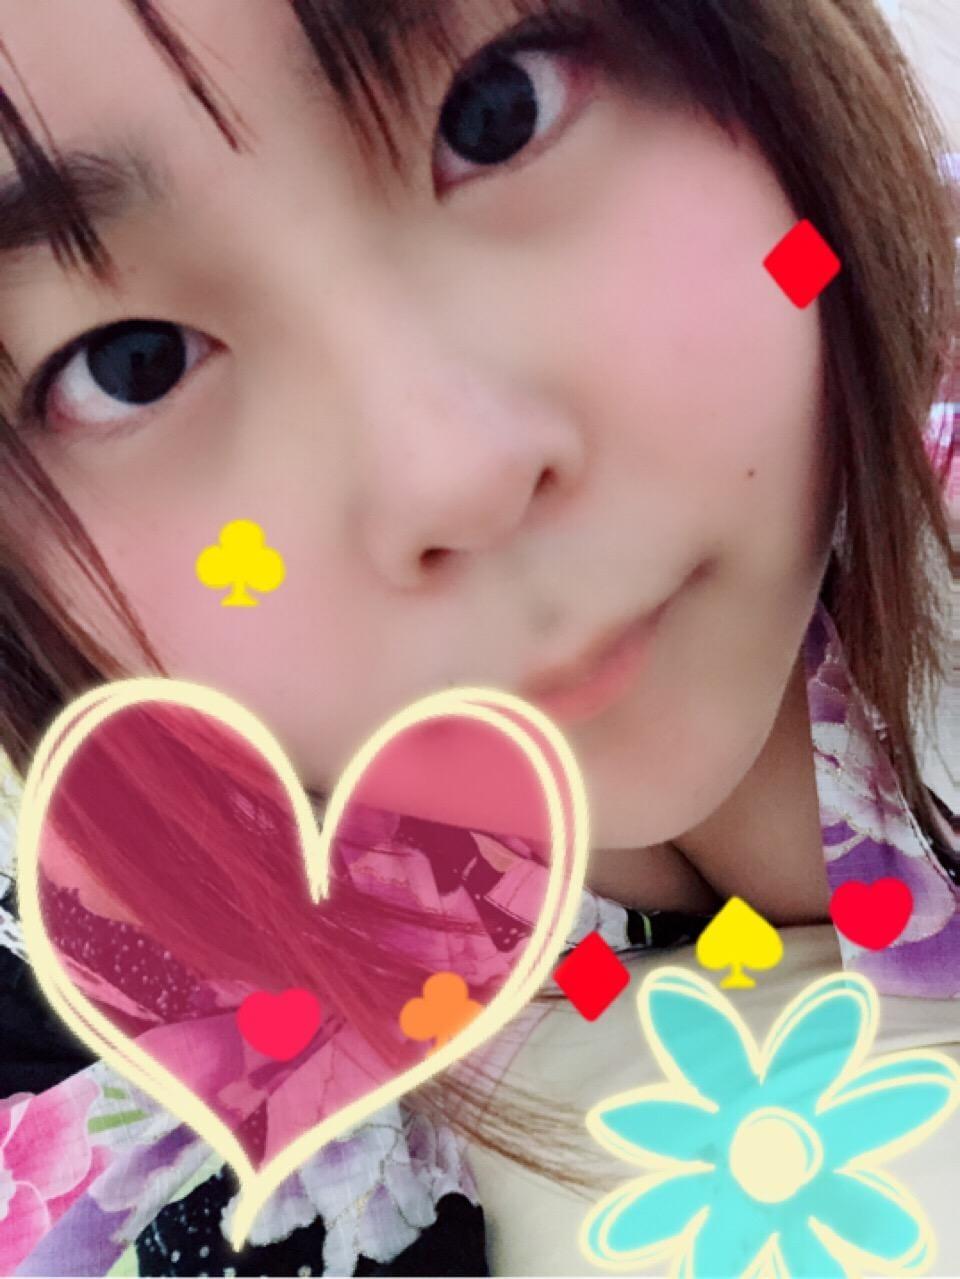 ありす「こんばんわ!」09/20(木) 20:56 | ありすの写メ・風俗動画